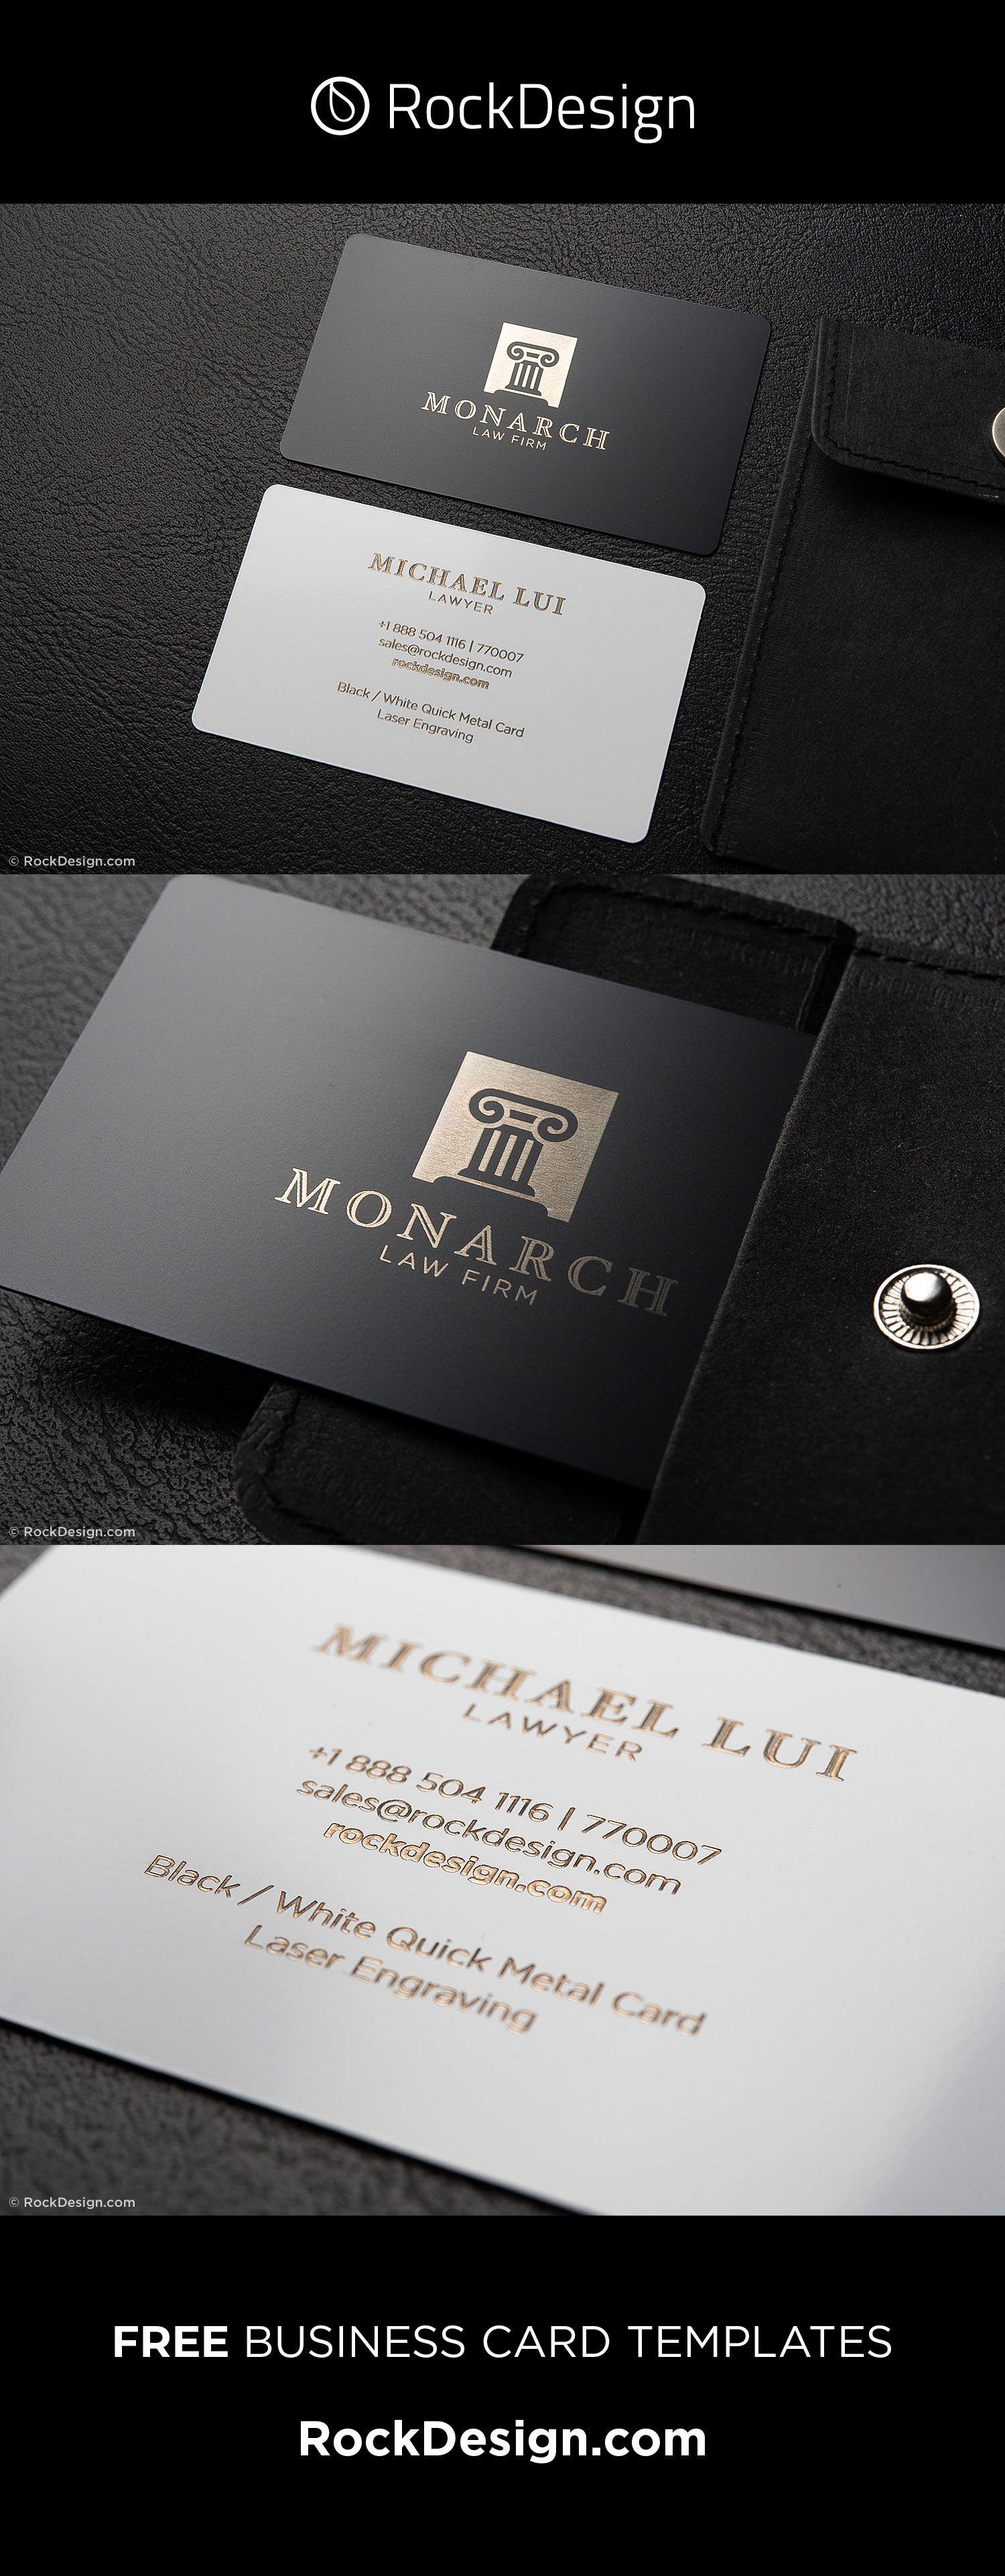 Elegant And Stylish Black And White Lawyer Business Card Template Monarch Lawyer Business Card Business Card Template Business Card Design Inspiration